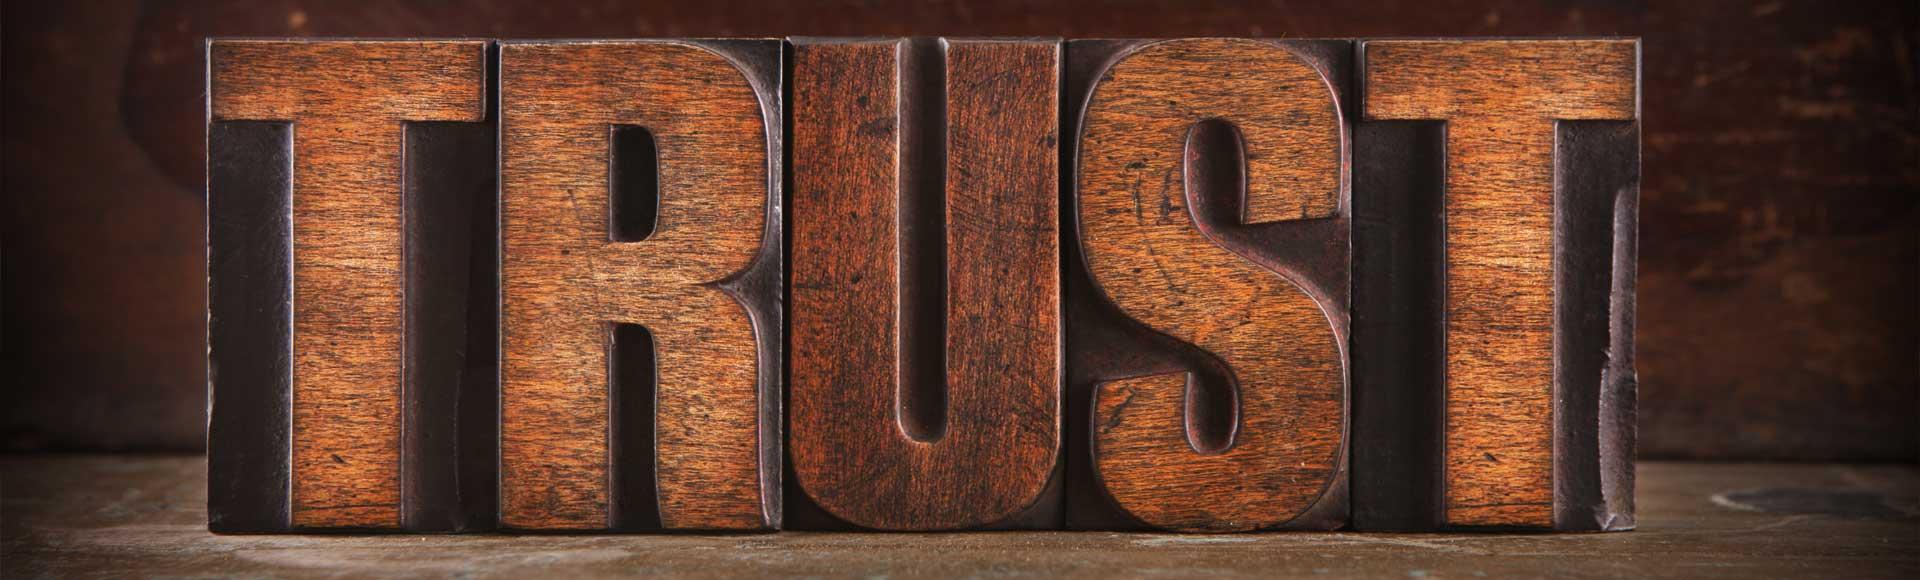 Old-Type-TRUST-Wood-Printing-Press-Blocks_1920x580